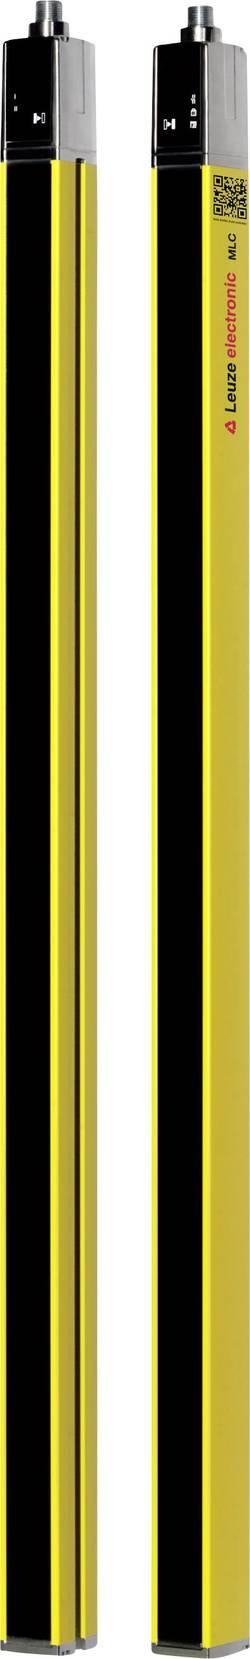 Récepteur de barrière immatérielle de sécurité Leuze Electronic MLC310R30-300 68091303 1 pc(s)